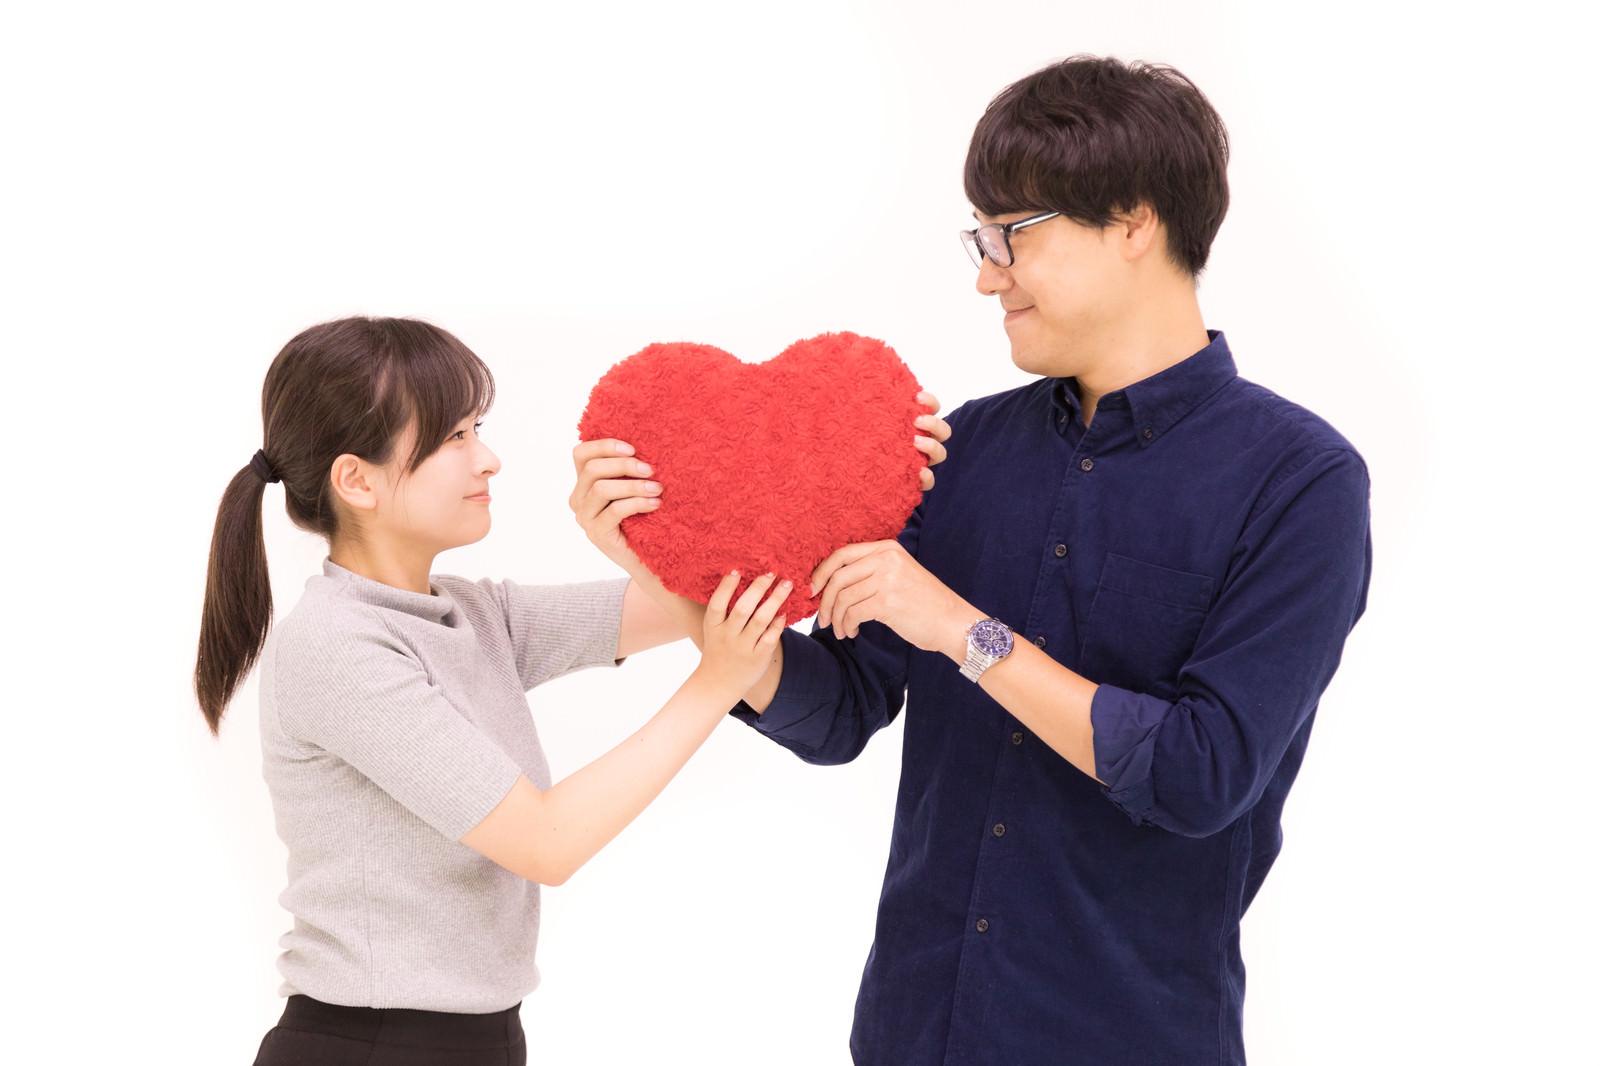 「ハートをがっちりカップル」[モデル:真崎真幸 千歳]